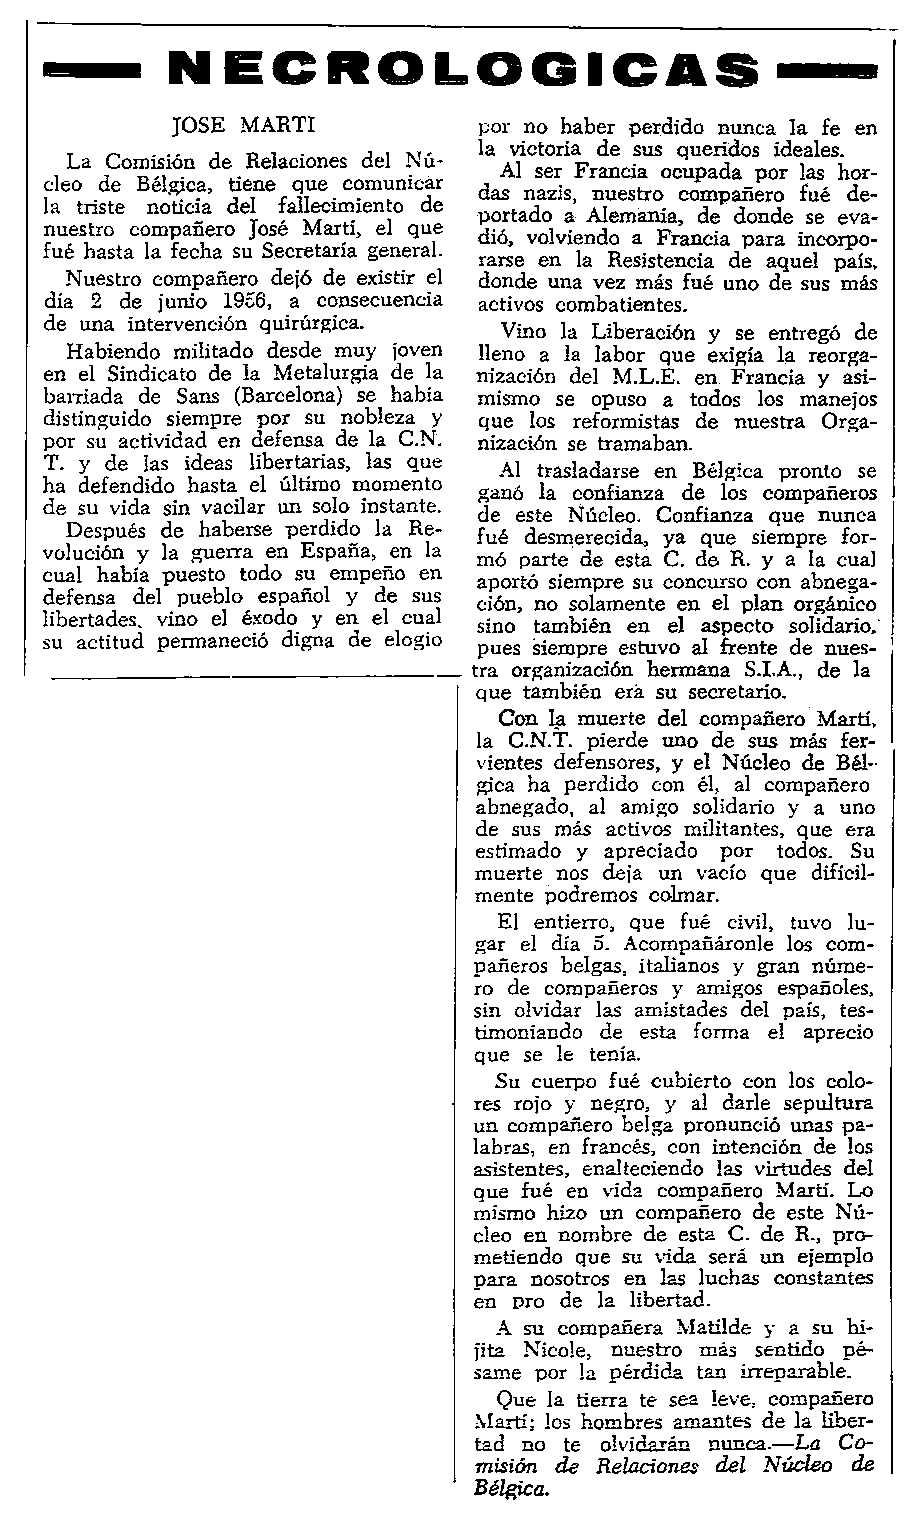 """Necrològica de José Martí apareguda en el periòdic tolosà """"CNT"""" del 24 de juny de 1956"""